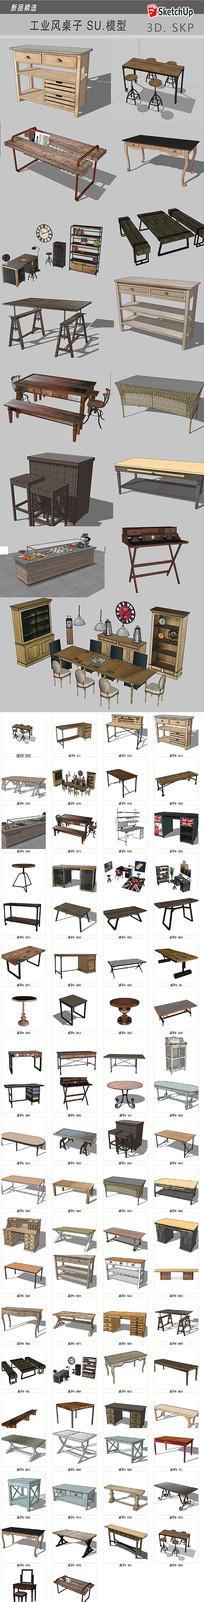 工业风桌子模型